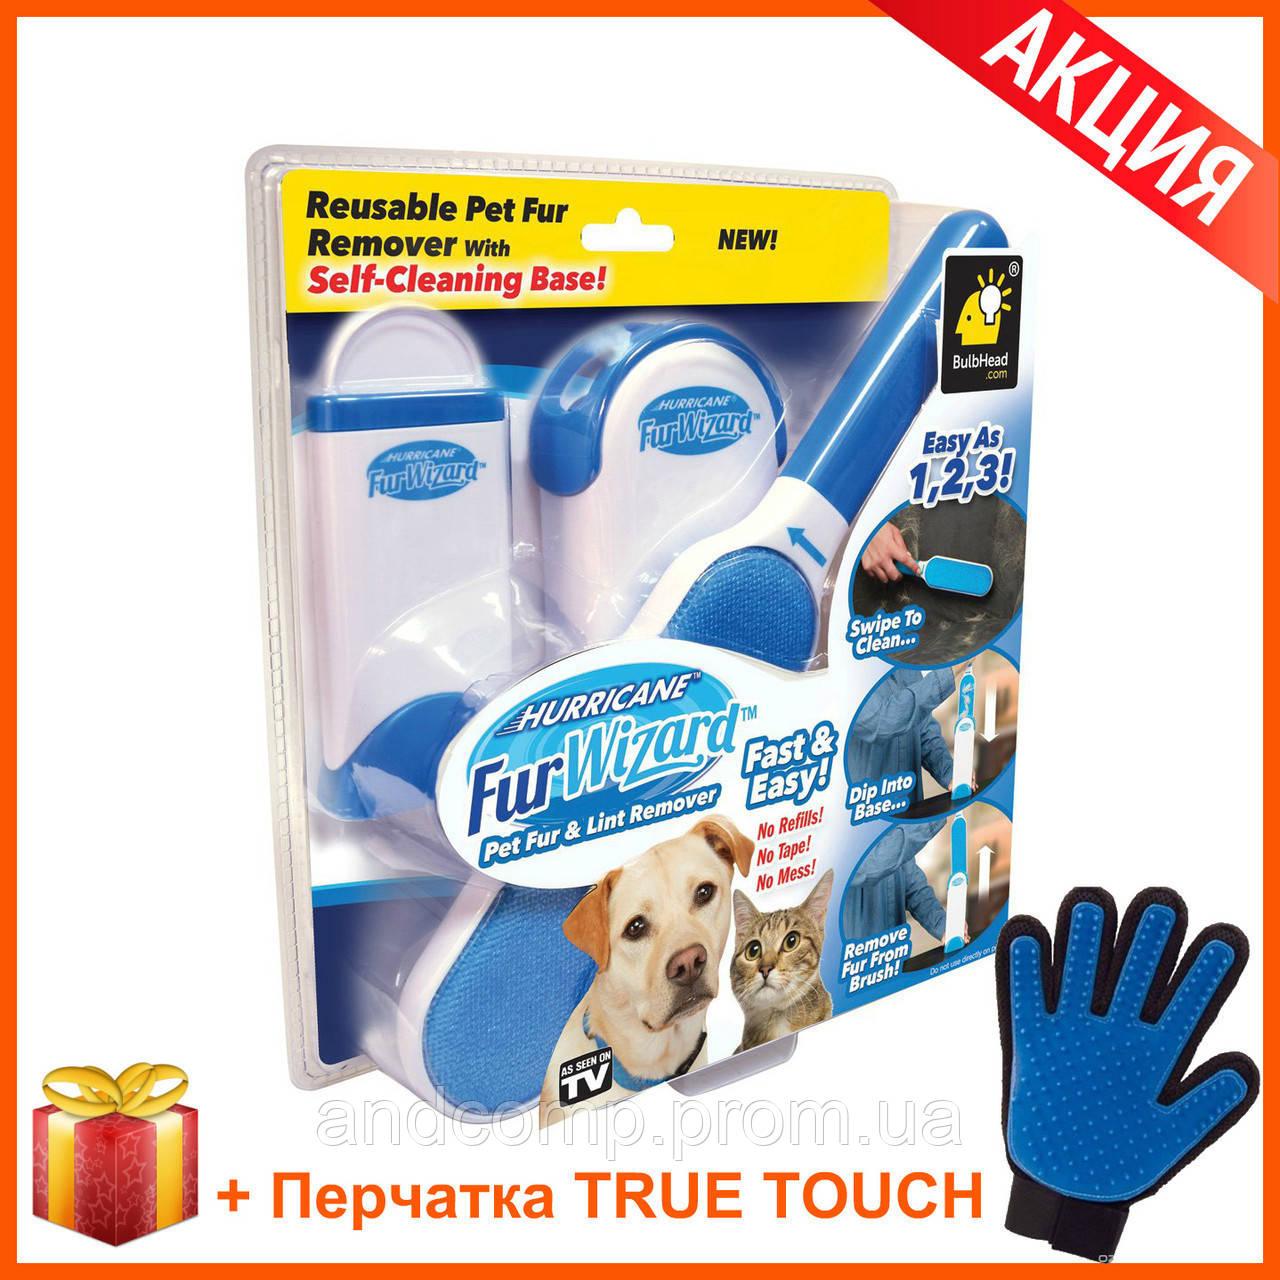 Щетка для уборки шерсти домашних животных FUR WIZARD + Перчатка True Touch в Подарок! Самоочистка